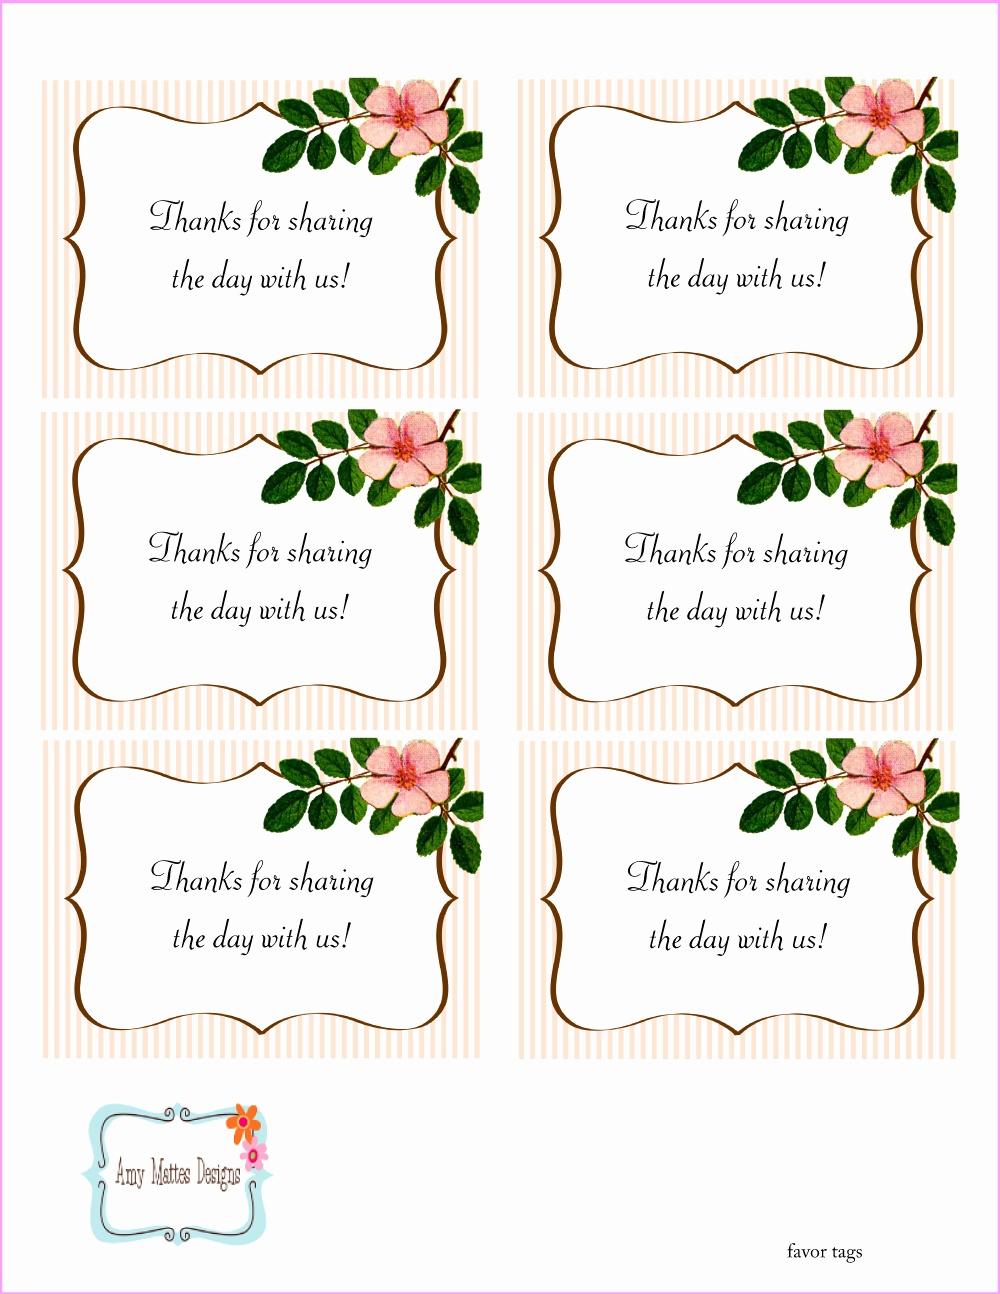 Free Printable Thank You Tags For Wedding Favors - Free Printable Favor Tags For Bridal Shower